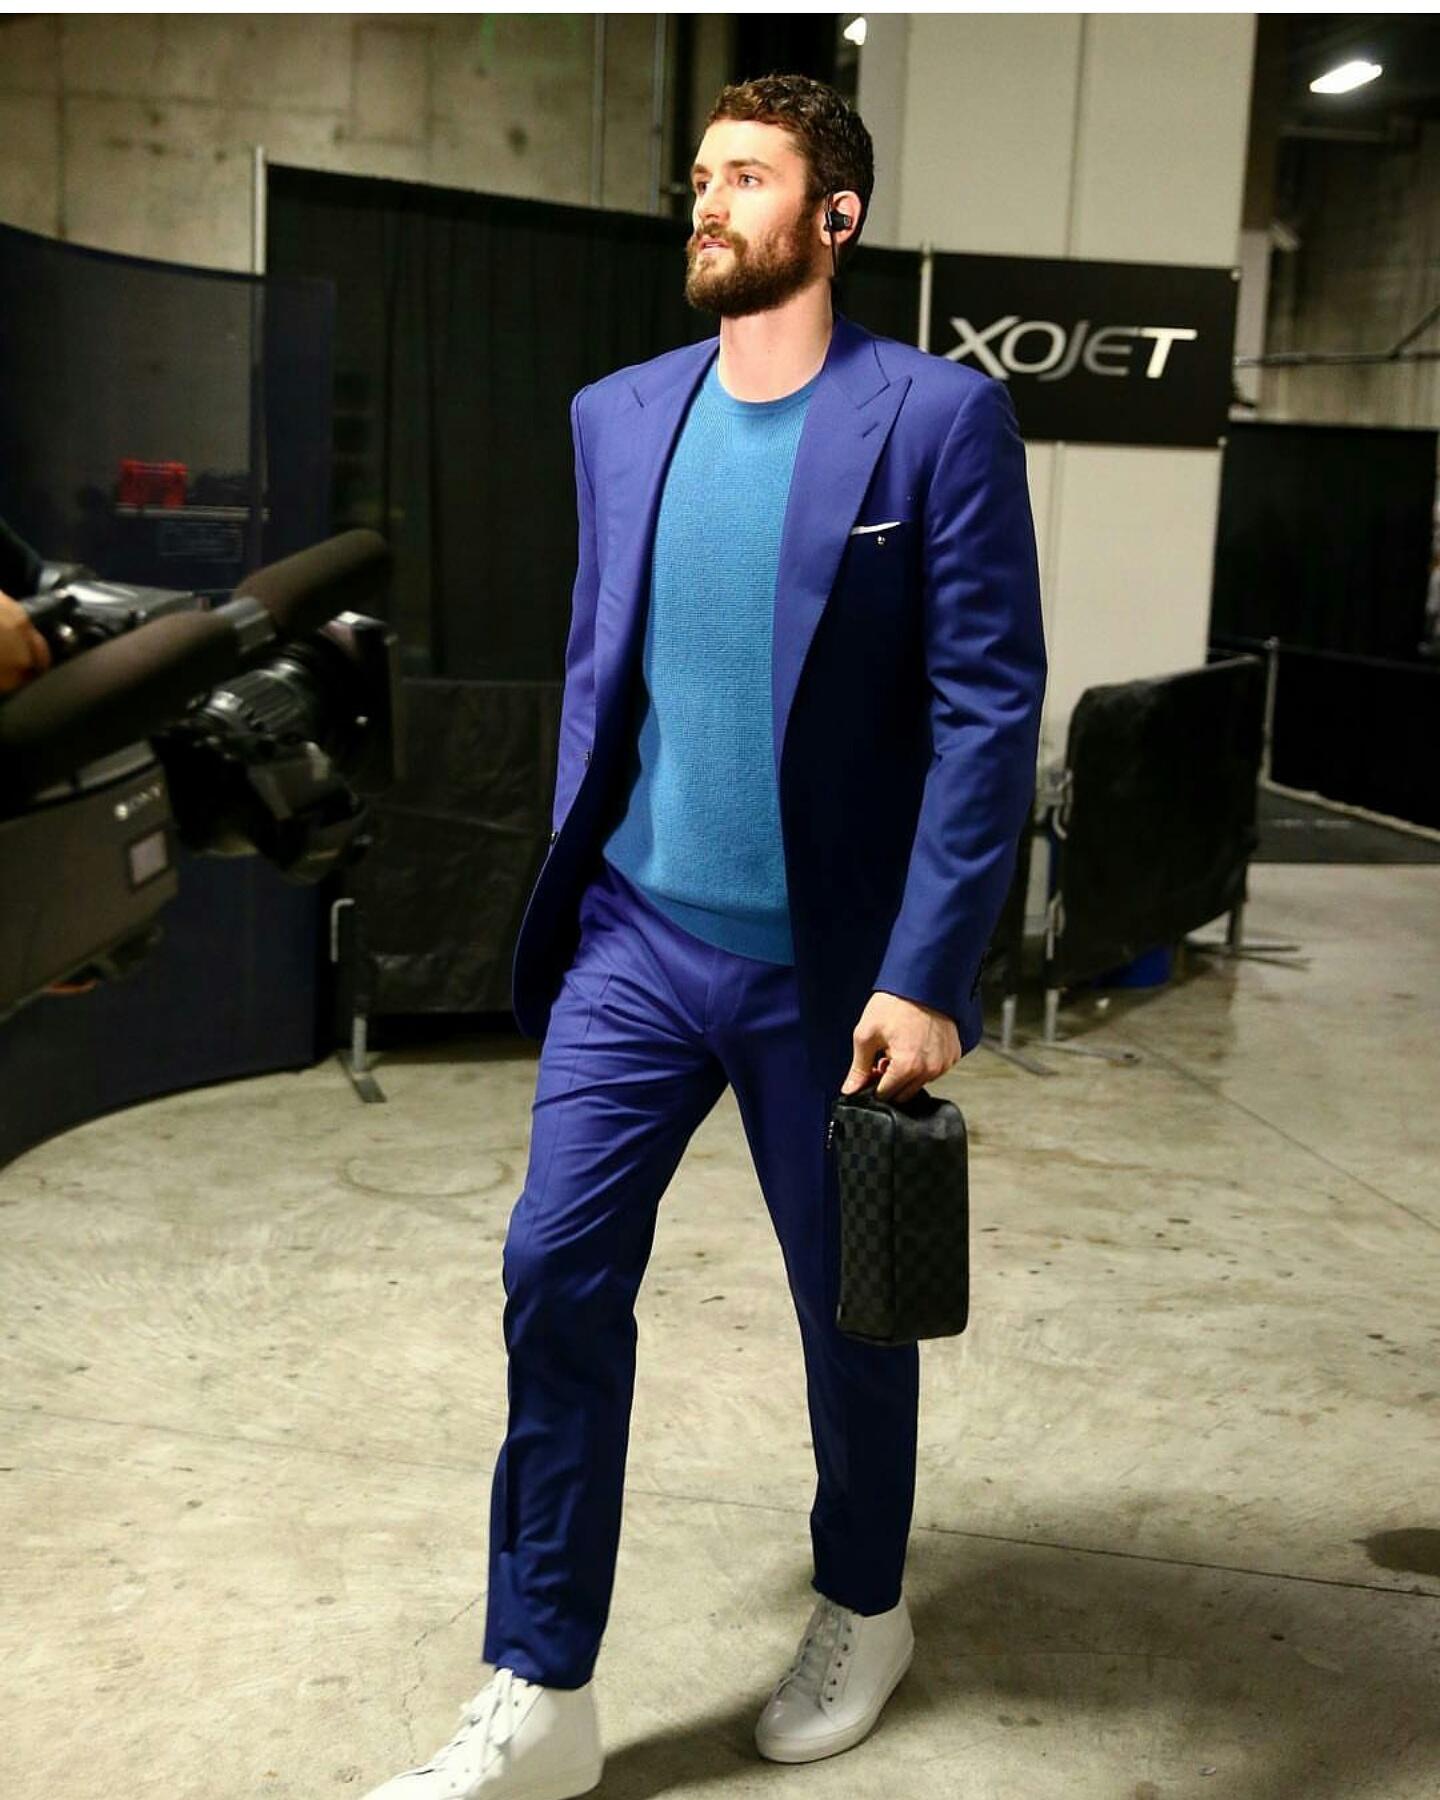 Style Nba Kevin Love 39 S Instagram 2016 Nba Finals Ralph Lauren Suit